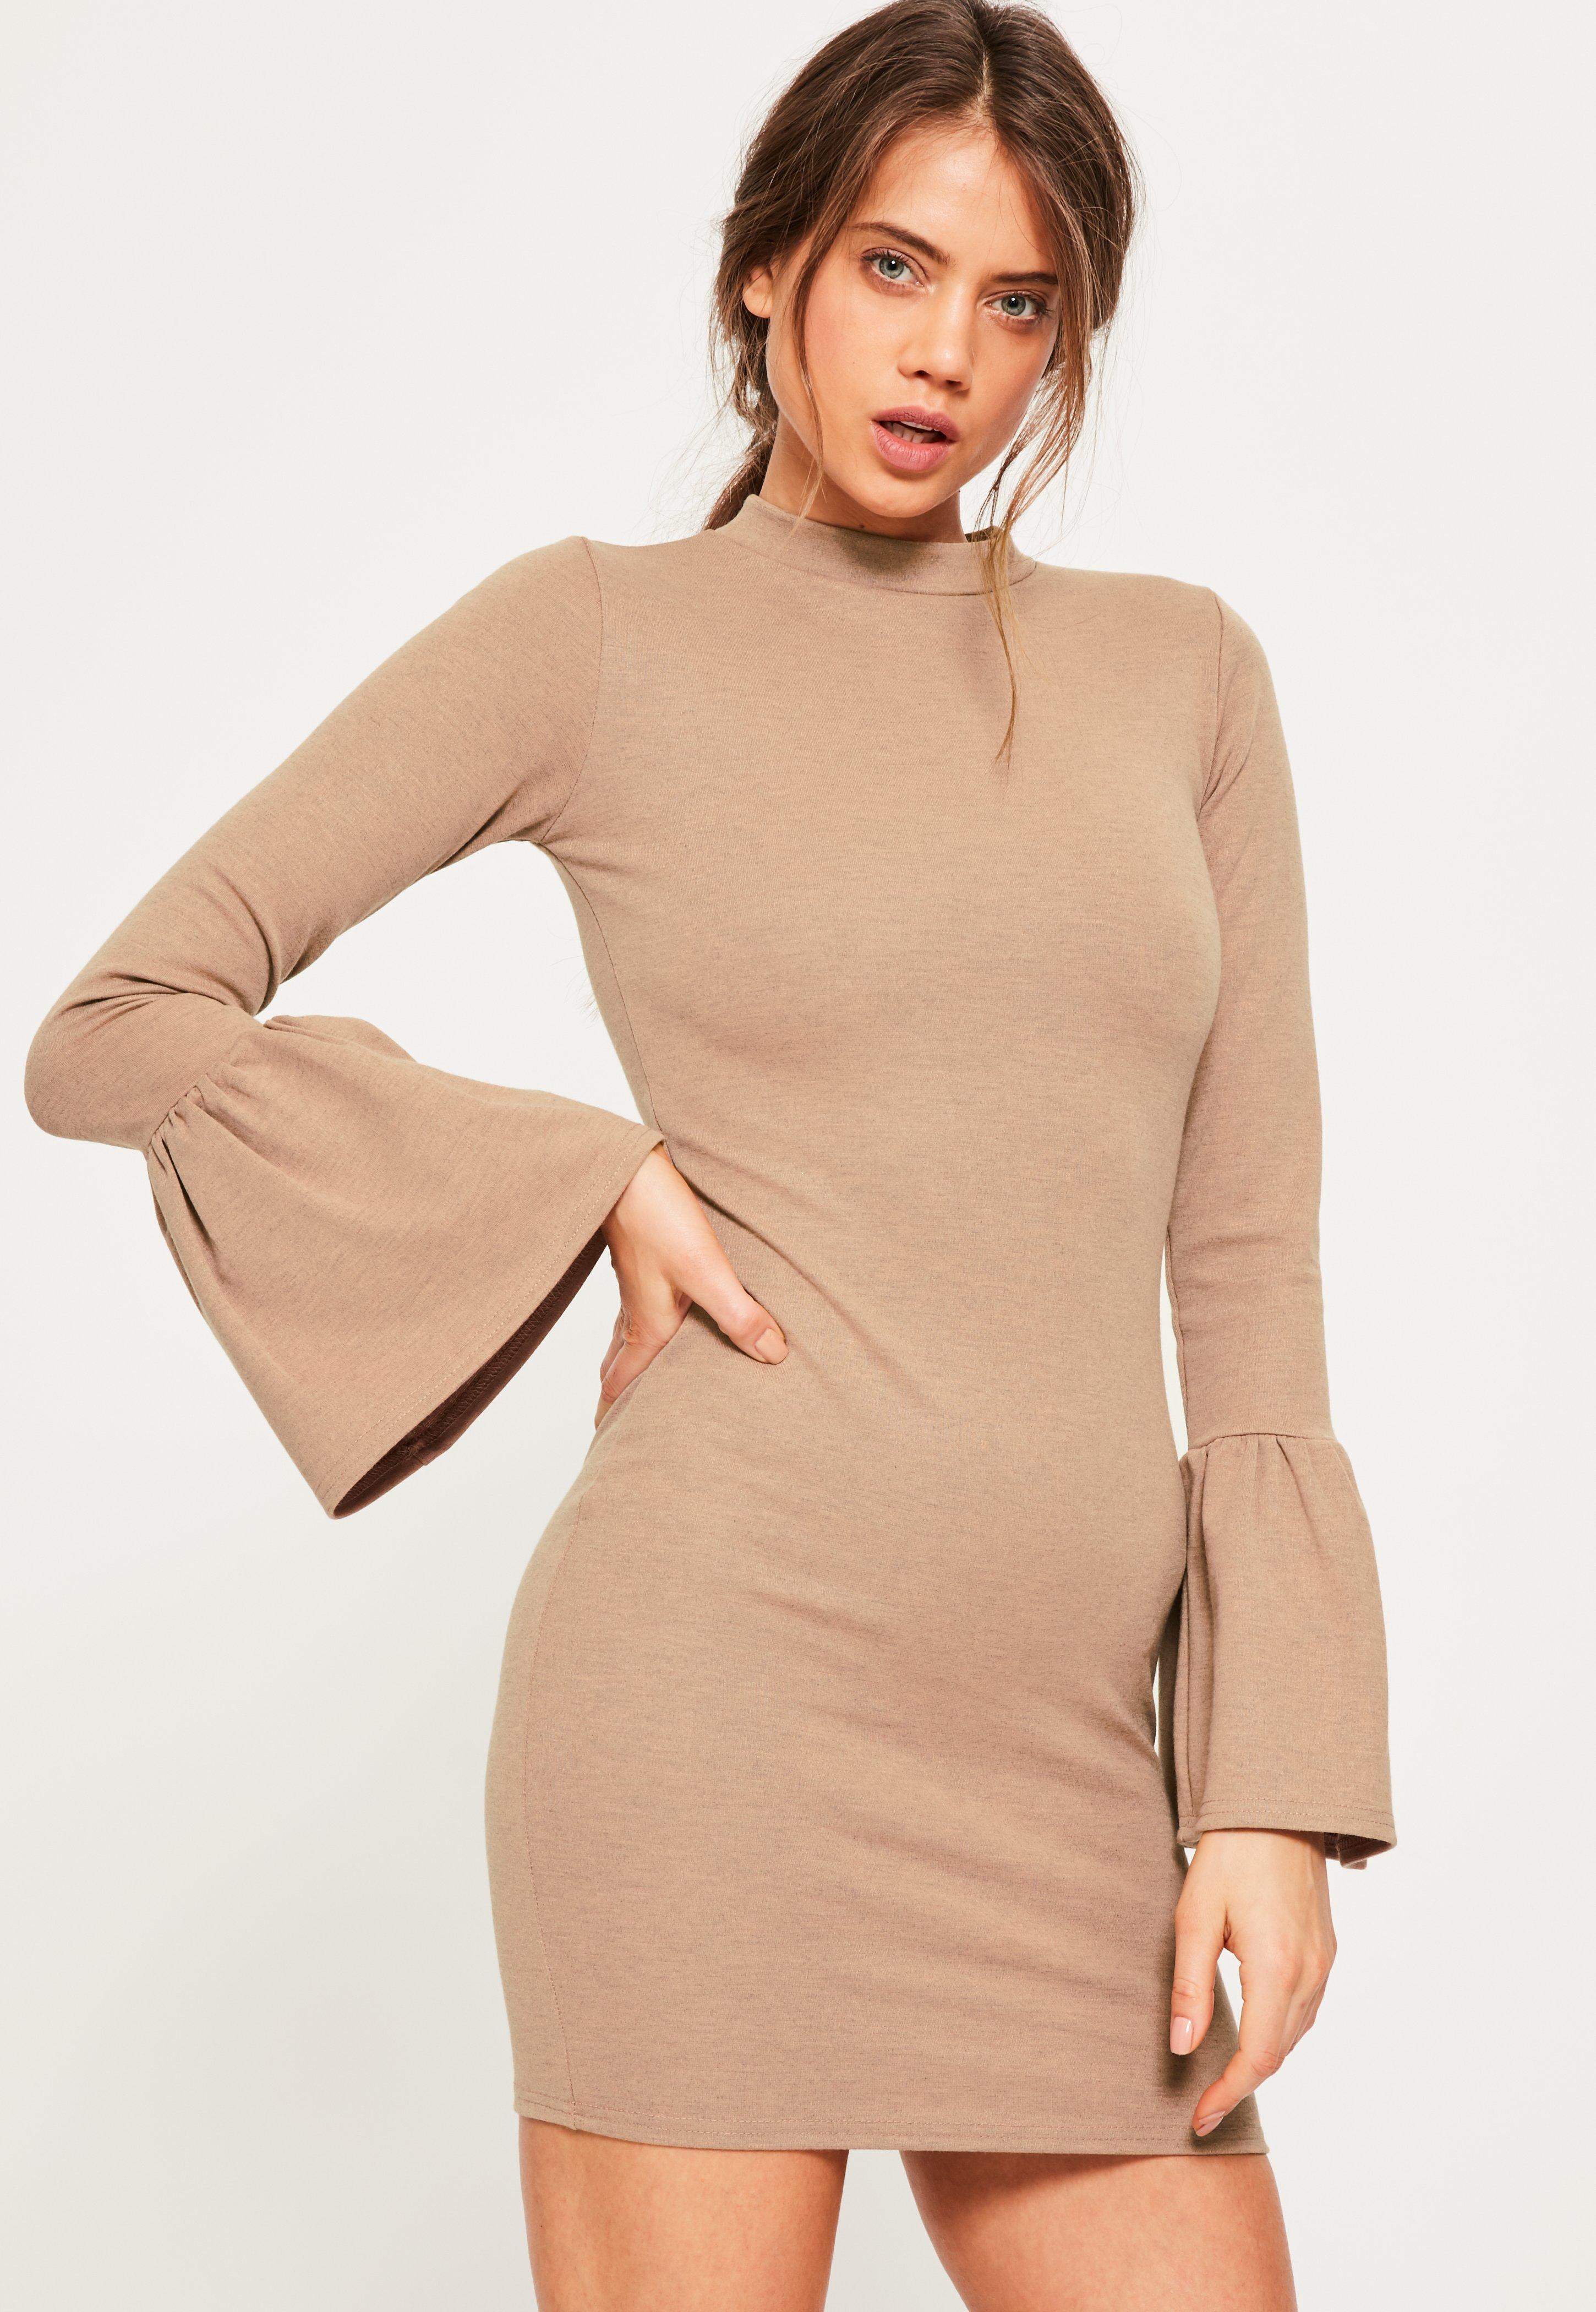 Nude Flounce Sleeve High Neck Bodycon Dress